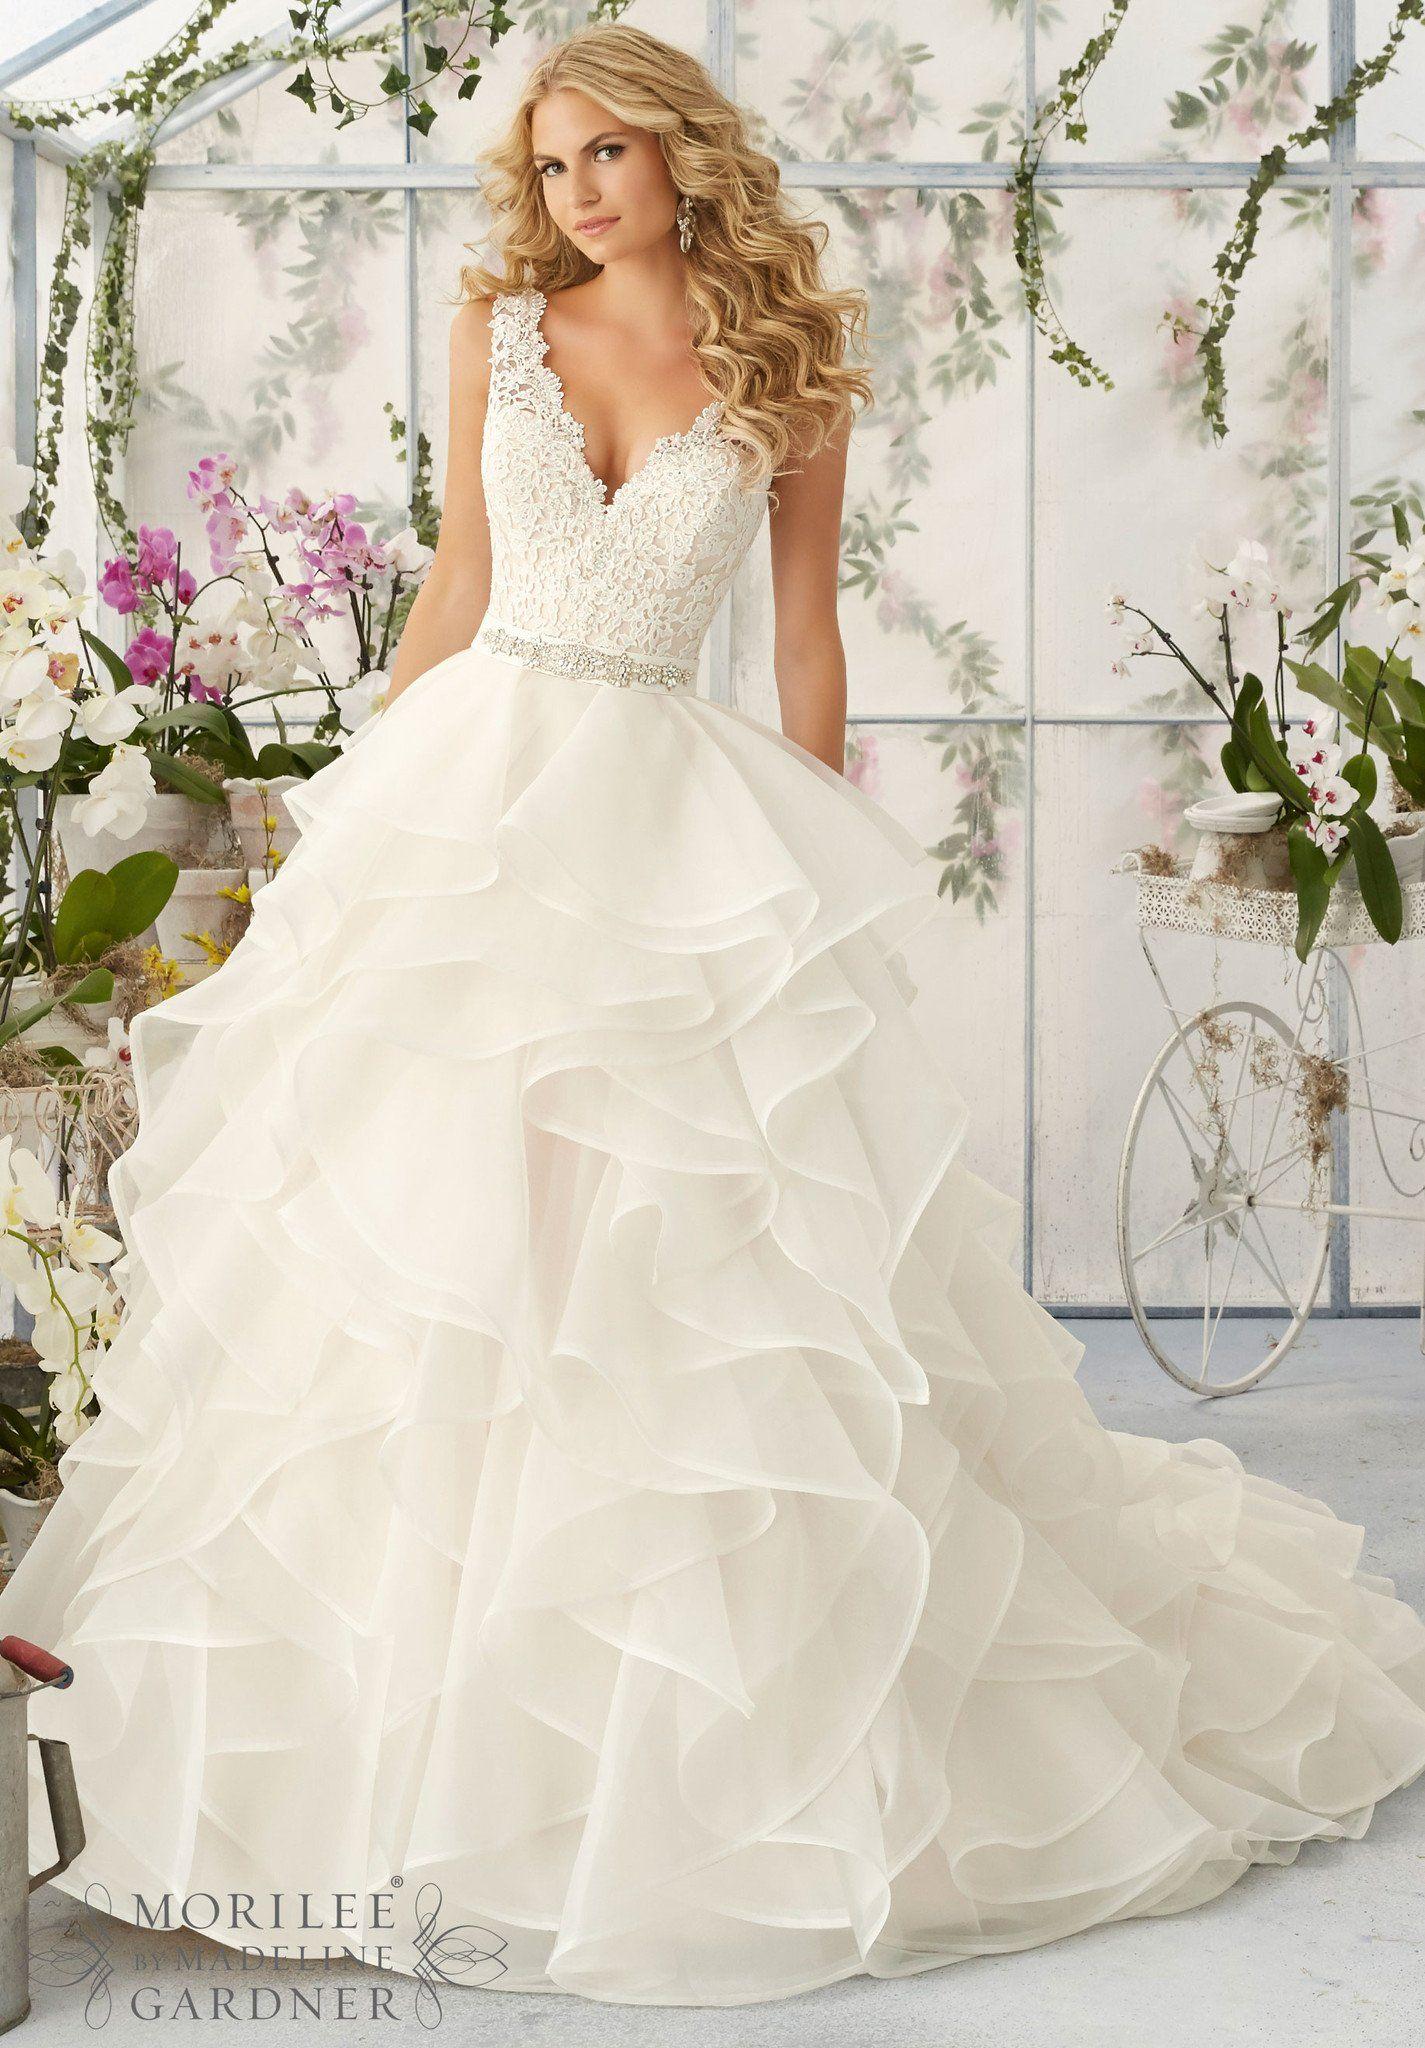 Mori Lee 2805 Tank Lace Ruffle Ball Gown Wedding Dress Off White Ball Gown Wedding Dress Organza Skirt Wedding Dress Ball Gowns Wedding